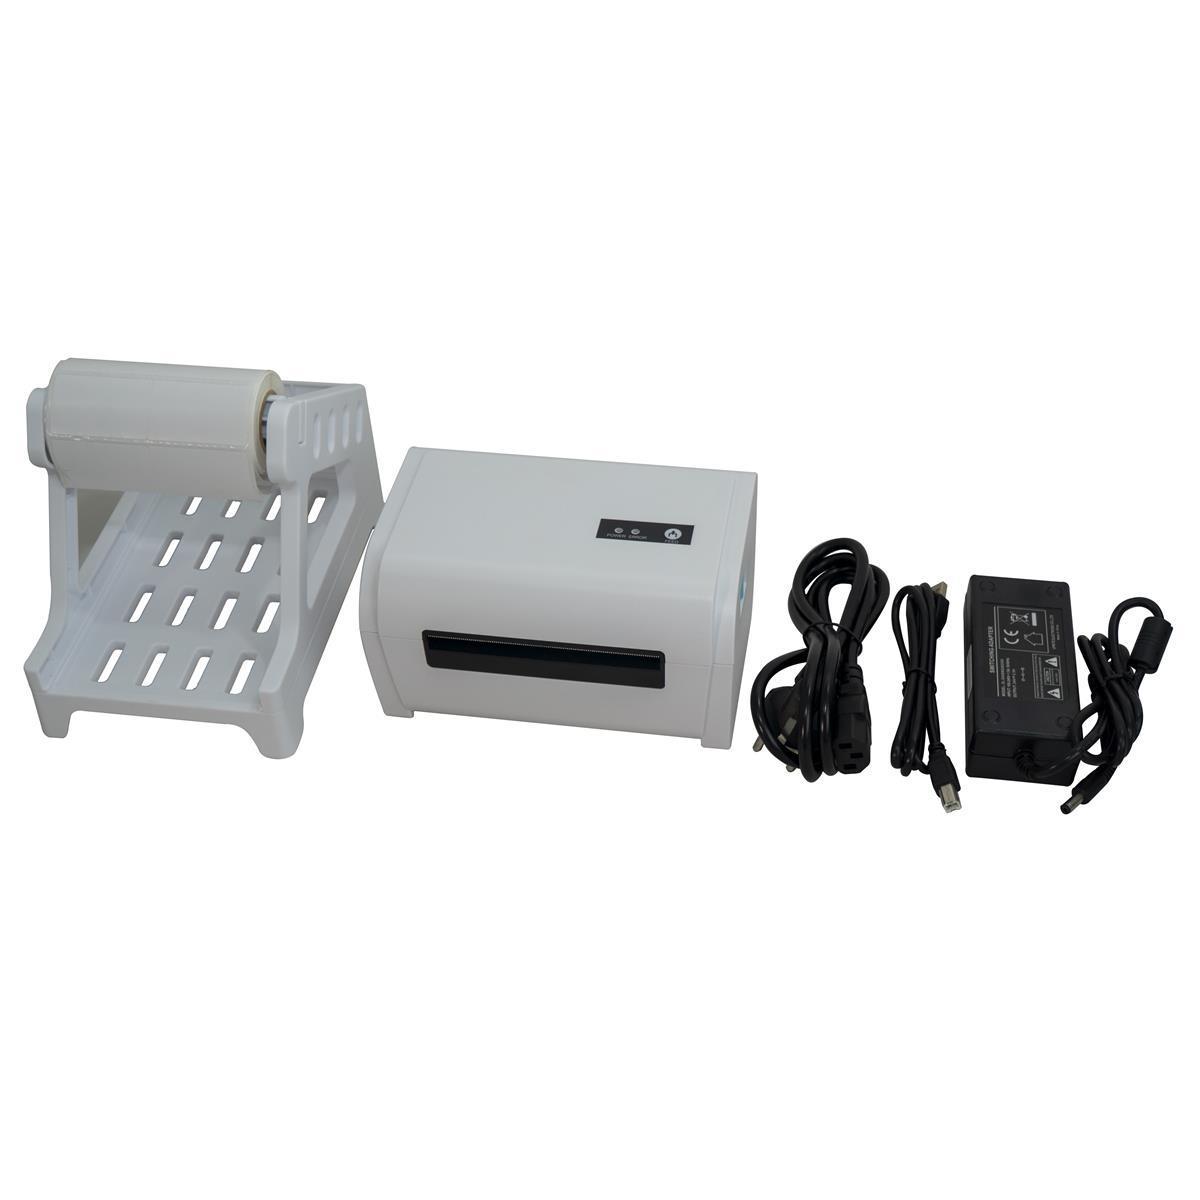 Máy in tem đơn hàng TMĐT Teki N42  (USB+LAN) Hàng chính hãng